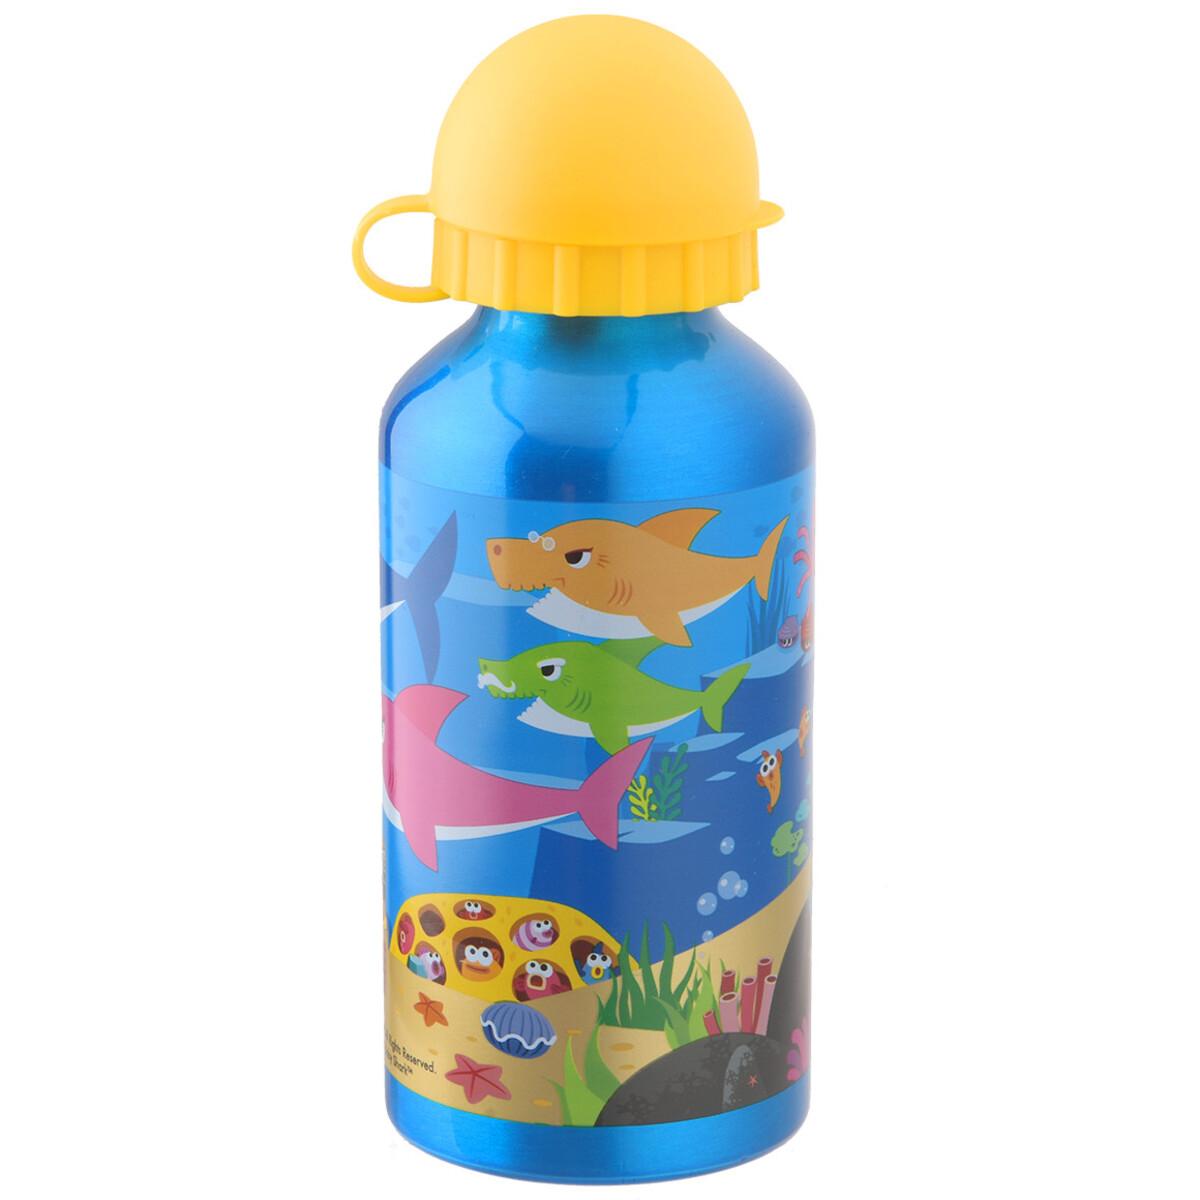 Bild 3 von Baby Shark Trinkflasche